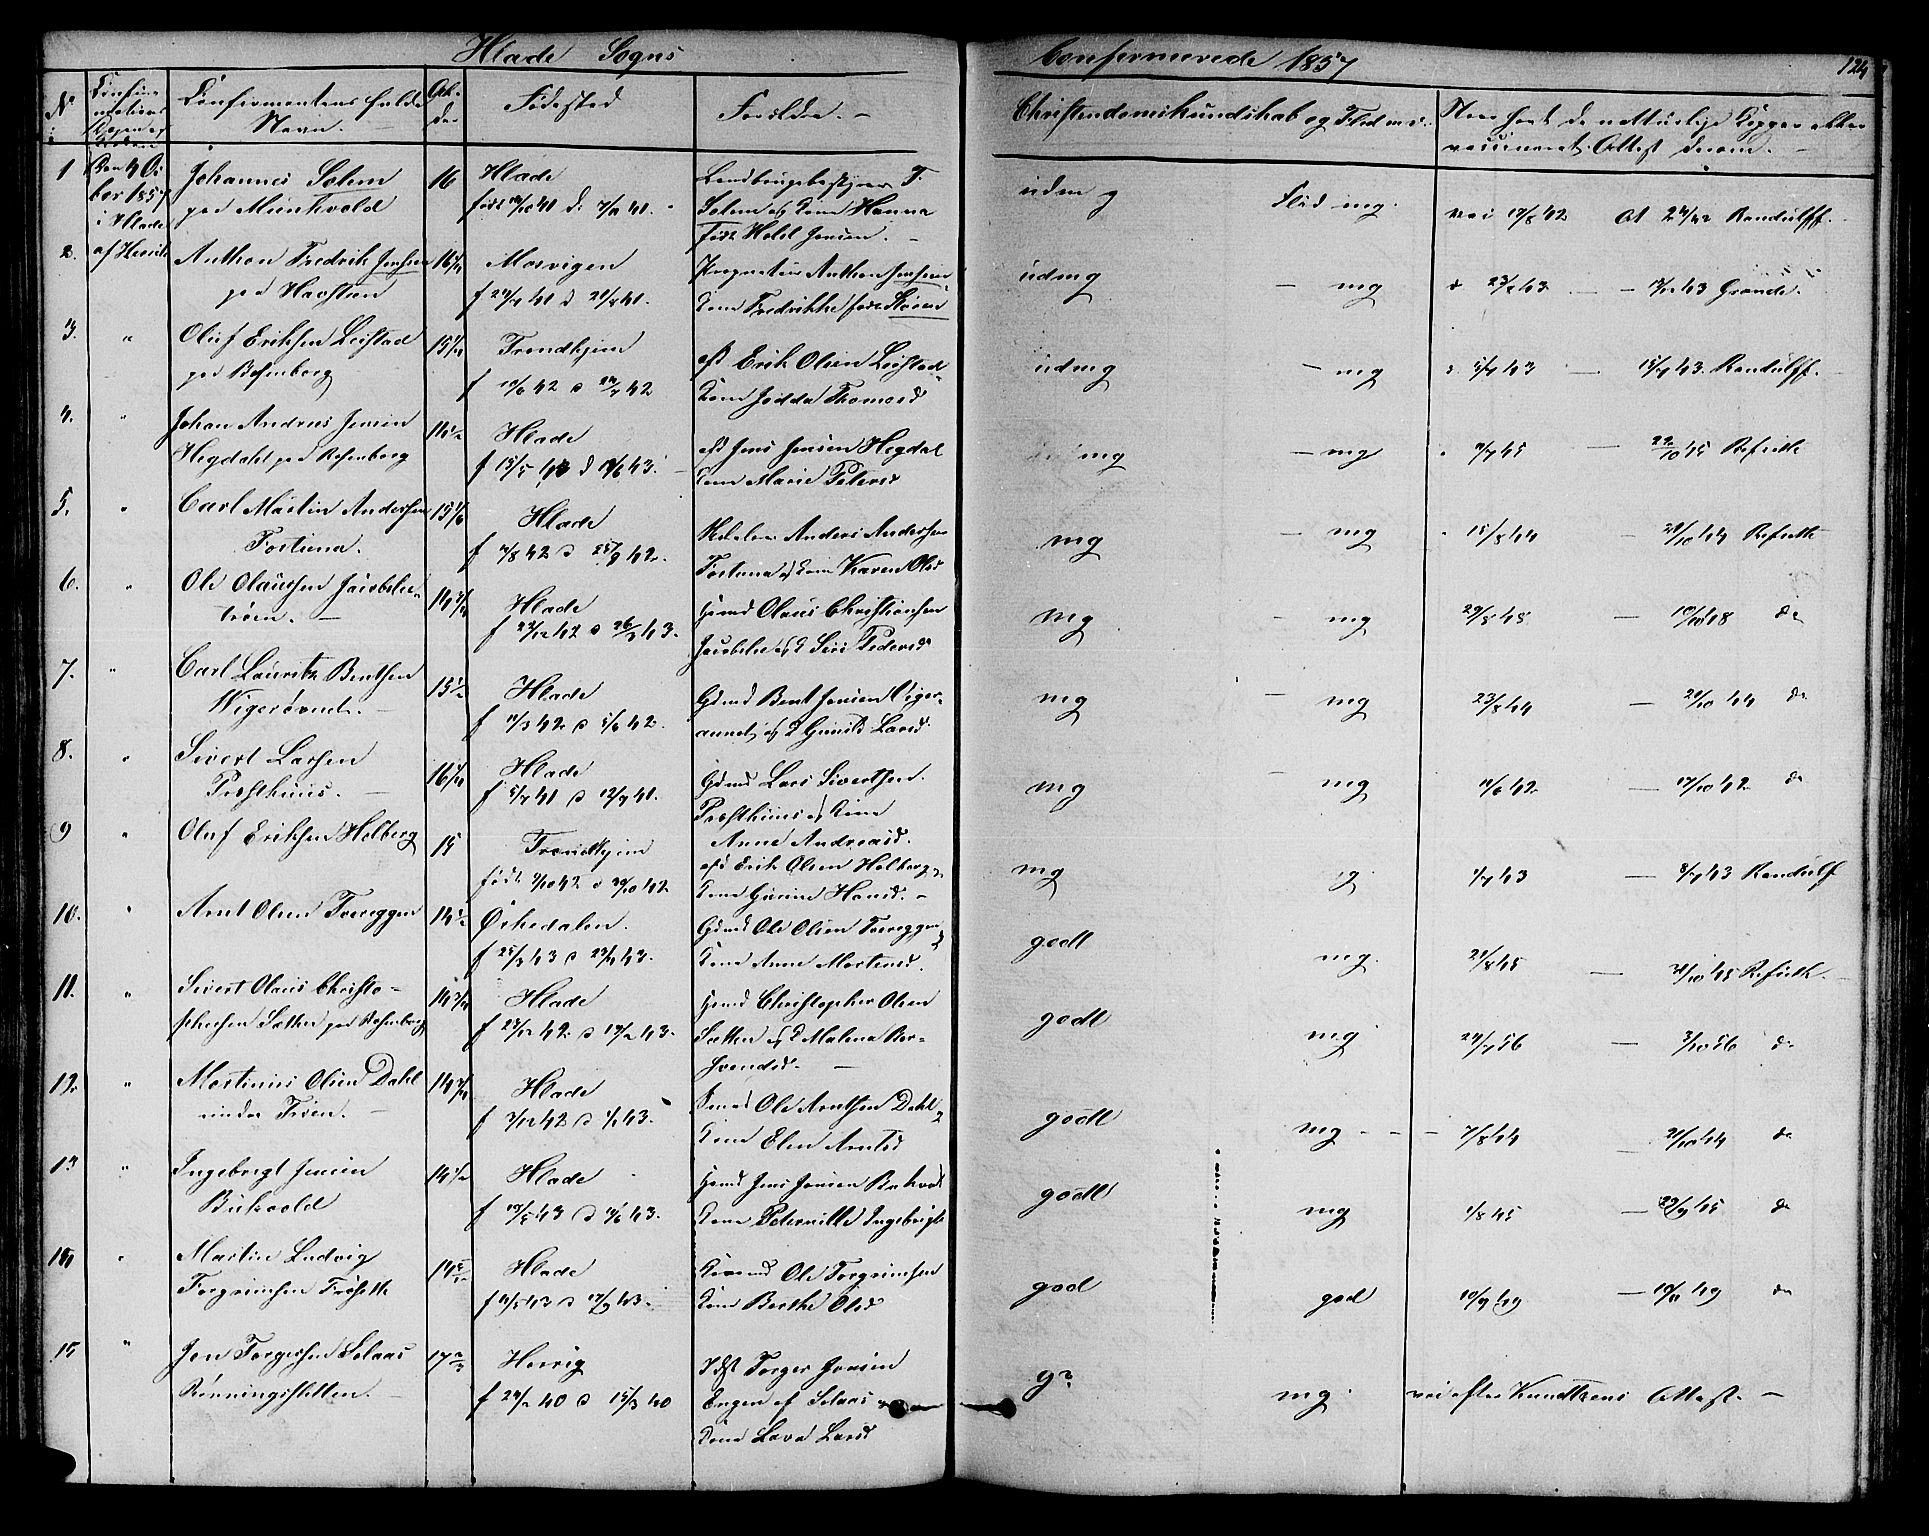 SAT, Ministerialprotokoller, klokkerbøker og fødselsregistre - Sør-Trøndelag, 606/L0310: Klokkerbok nr. 606C06, 1850-1859, s. 124